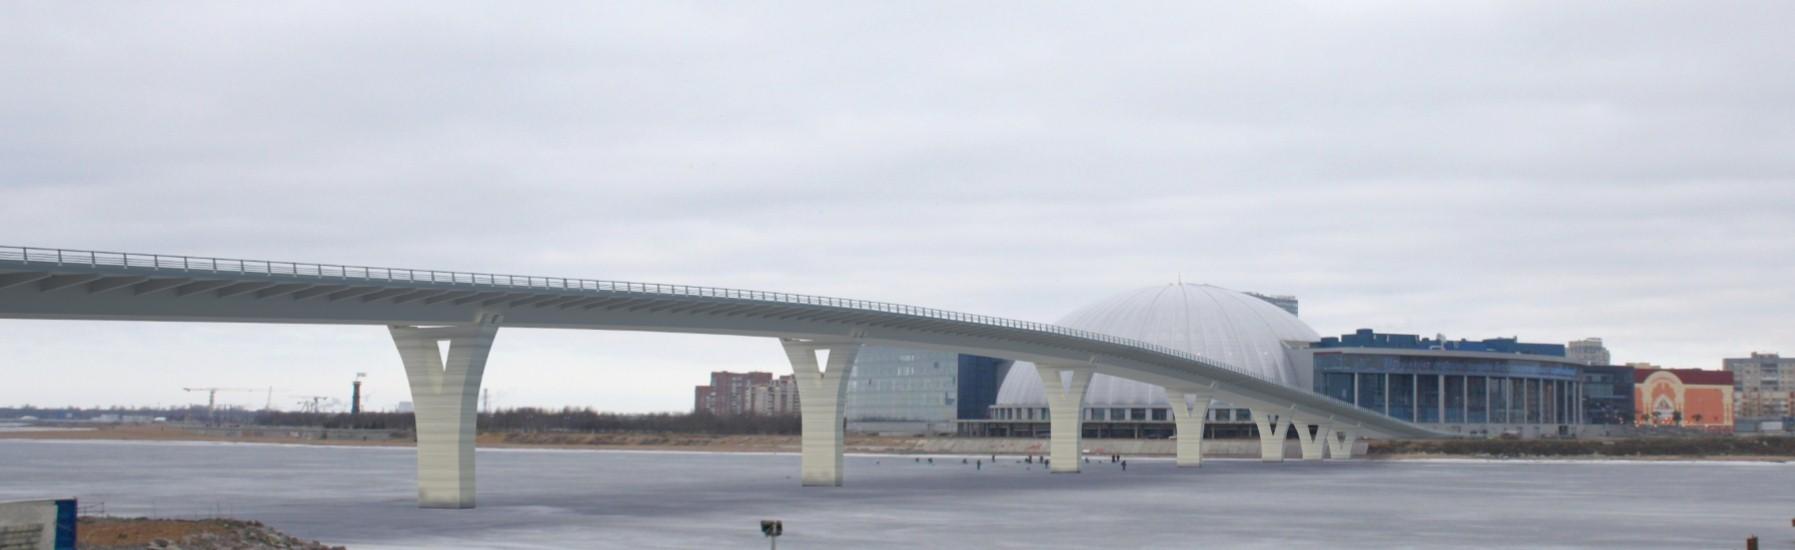 Пешеходный Яхтенный мост